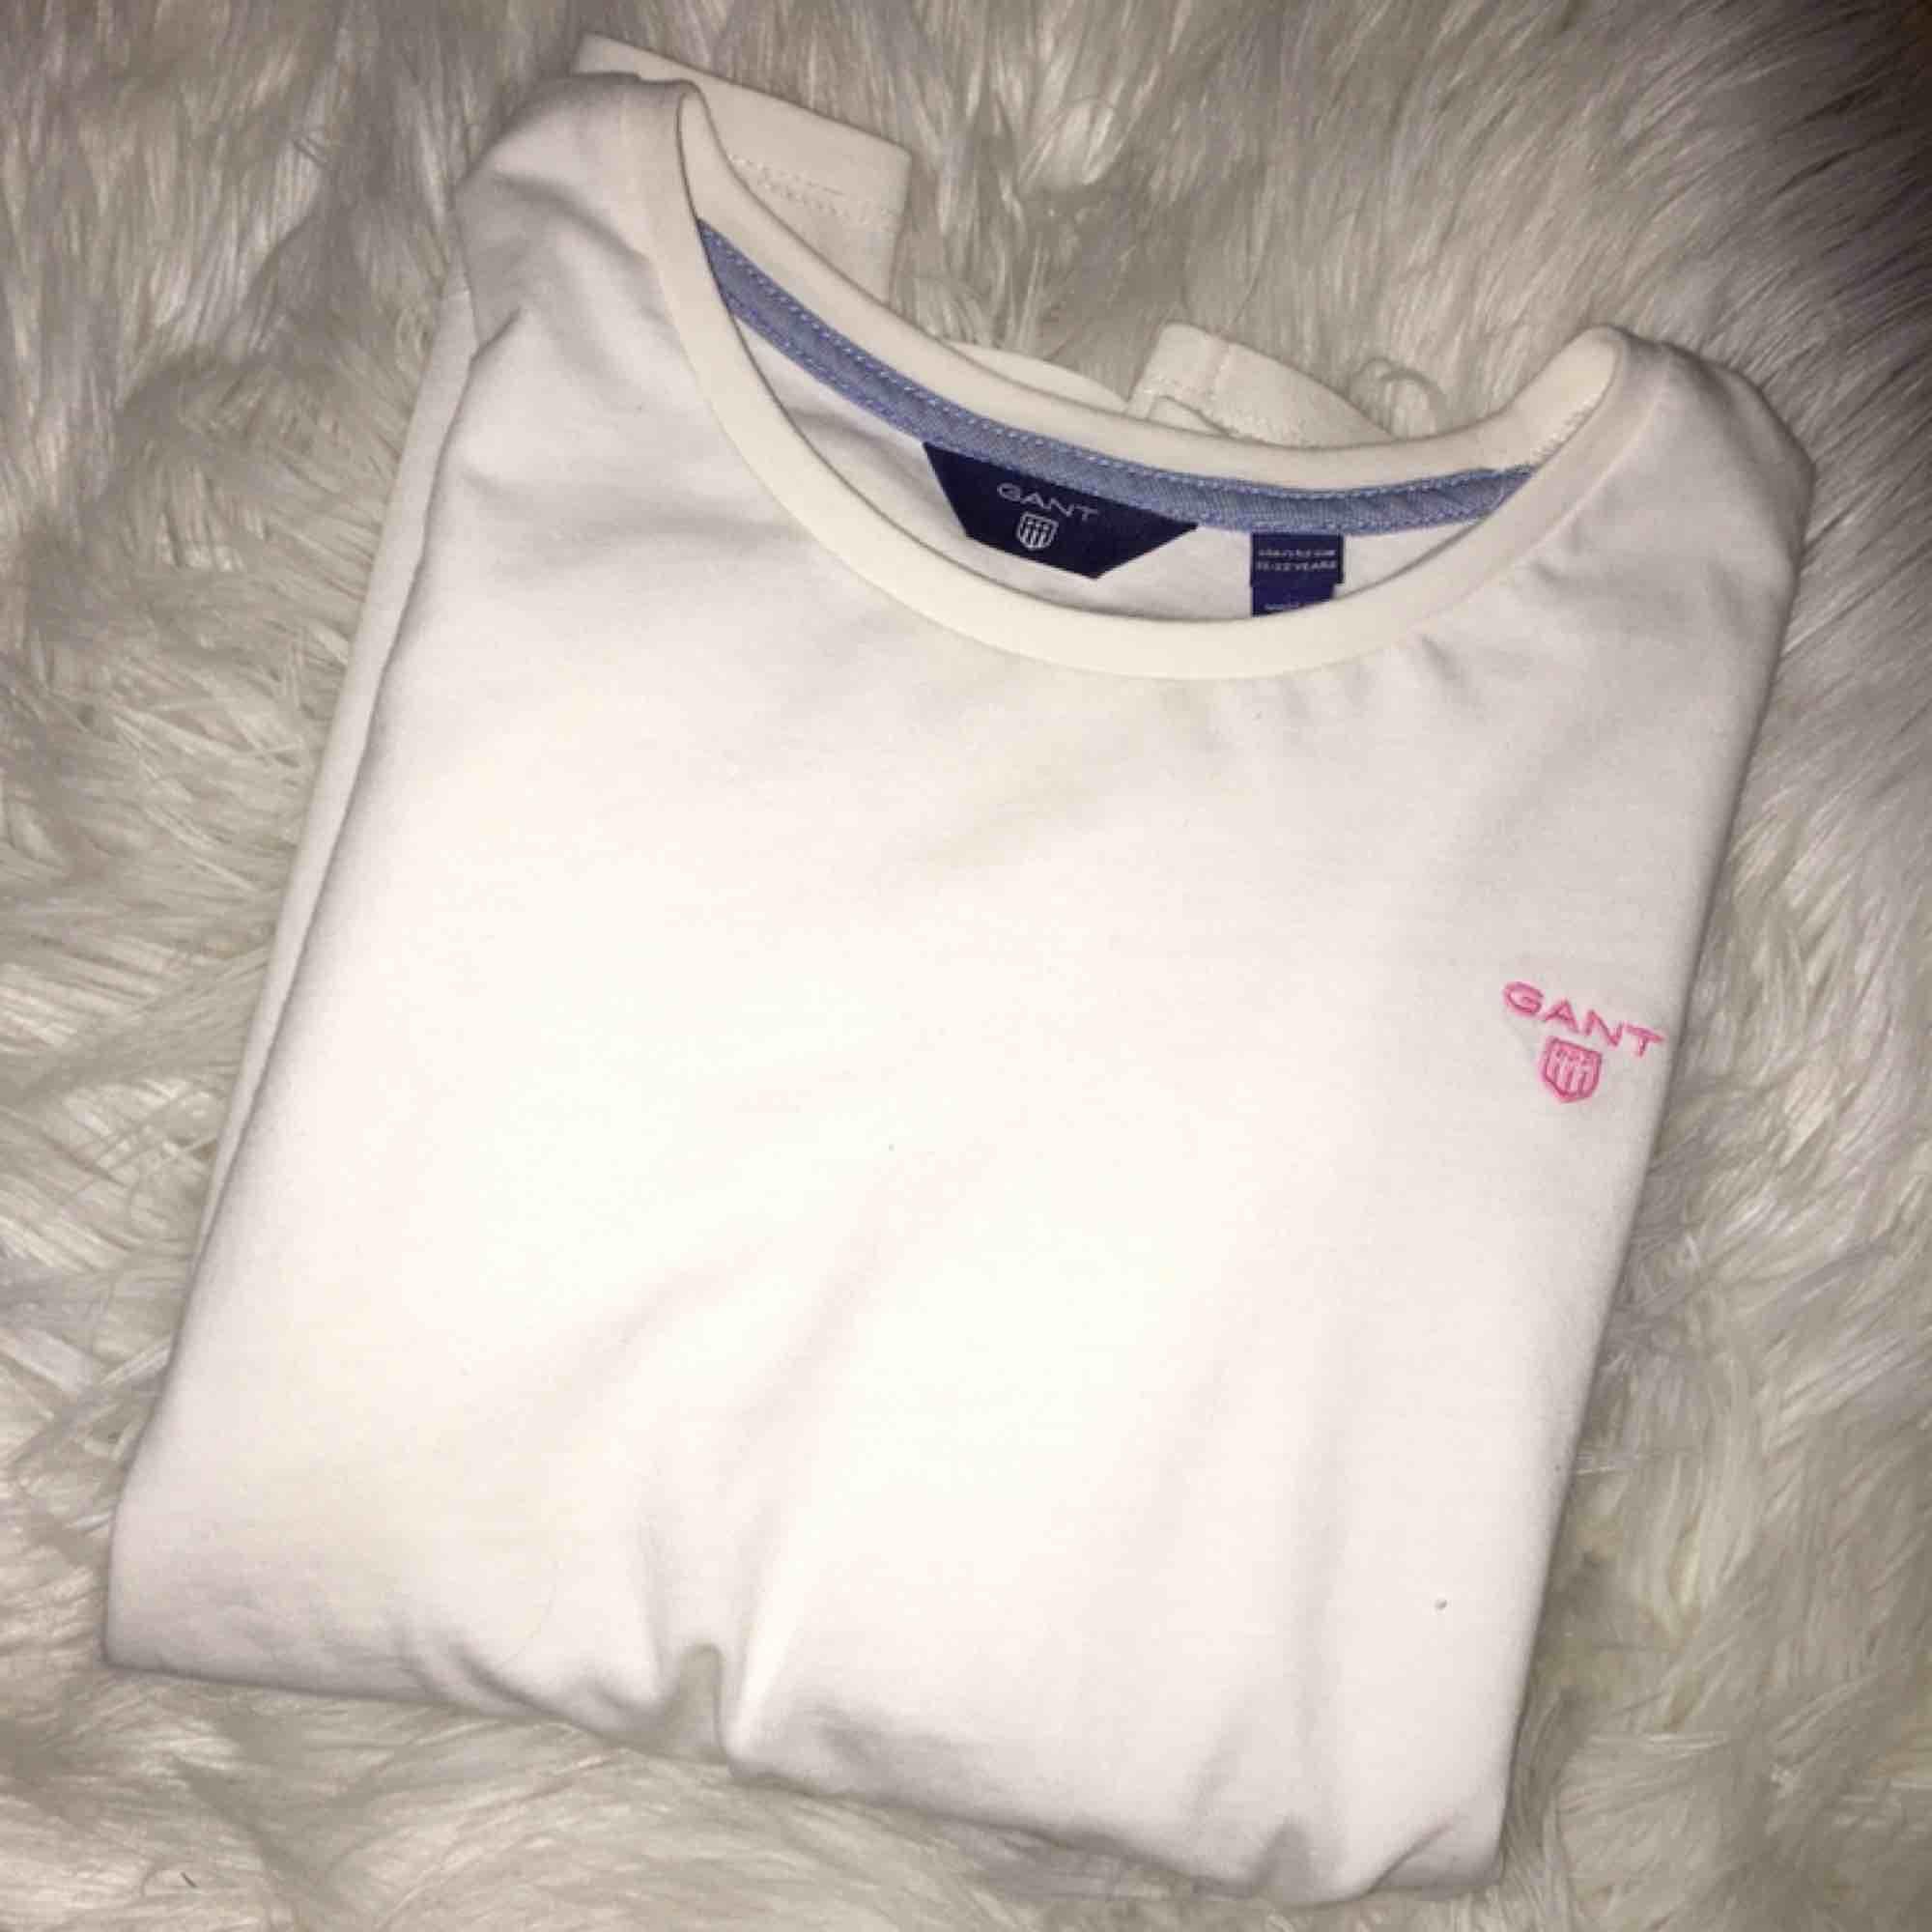 Mycket fin Gant tröja(äkta)😊 Passar inte längre😢 Köpt för 600 på Kidsbrandstore  Säljer billigt pga vill bli av med den. Tröjor & Koftor.